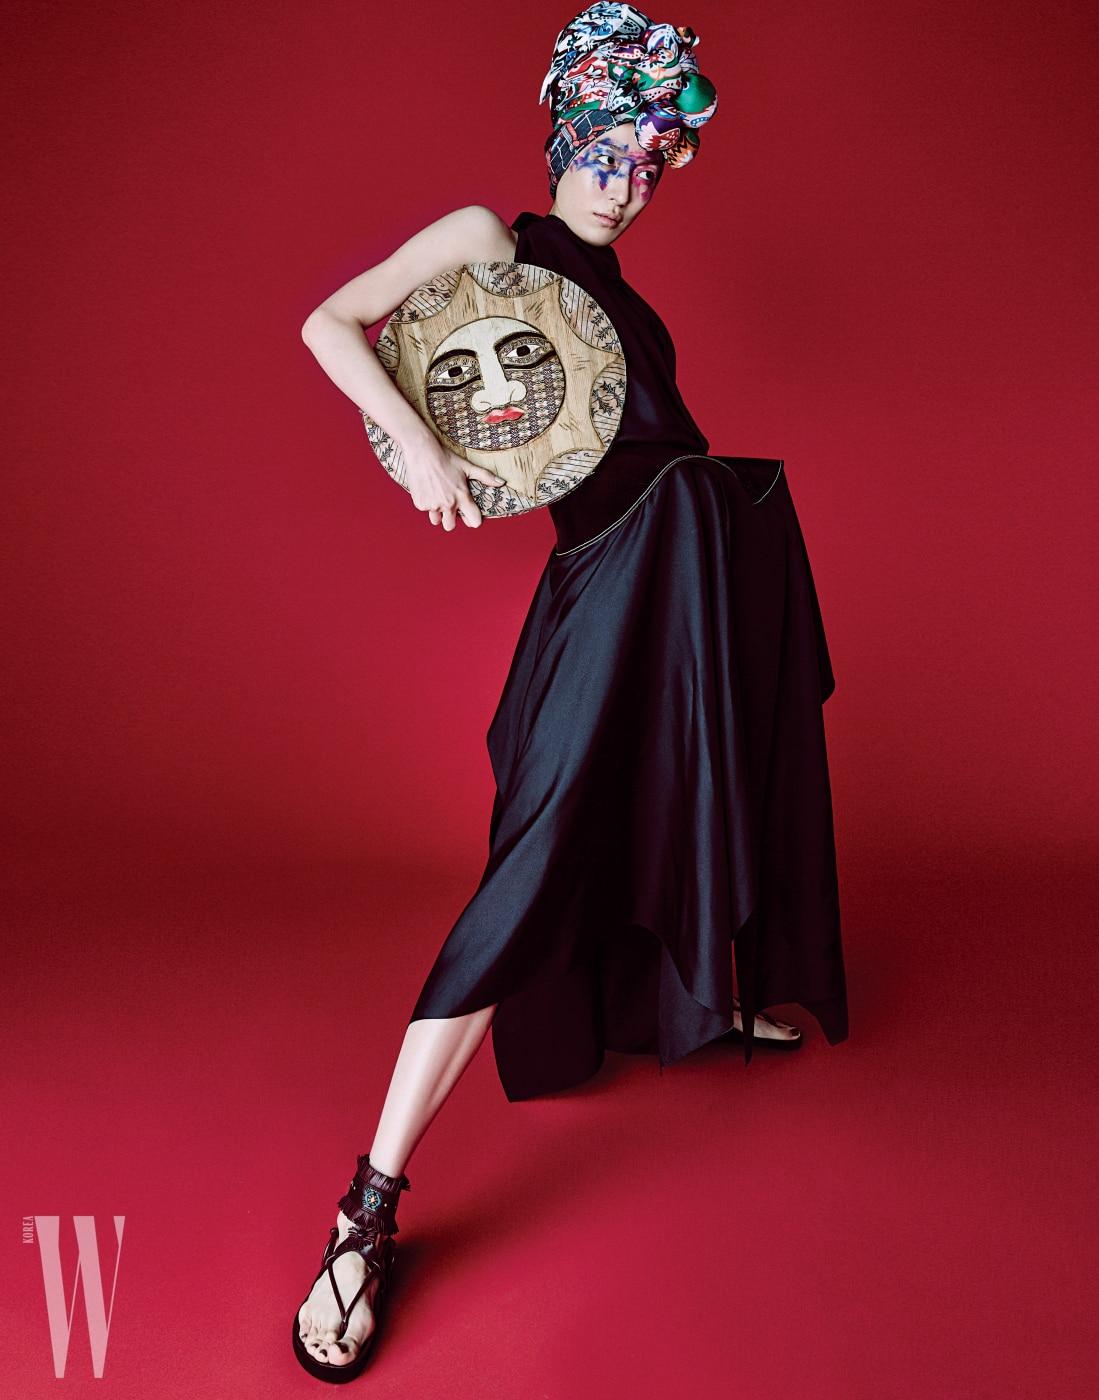 구조적인검정 드레스는Celine, 에스닉한샌들은Isabel Marant, 터번으로연출한화려한패턴의스카프는Hermes, Kenzo, Valentino Garavani 제품.